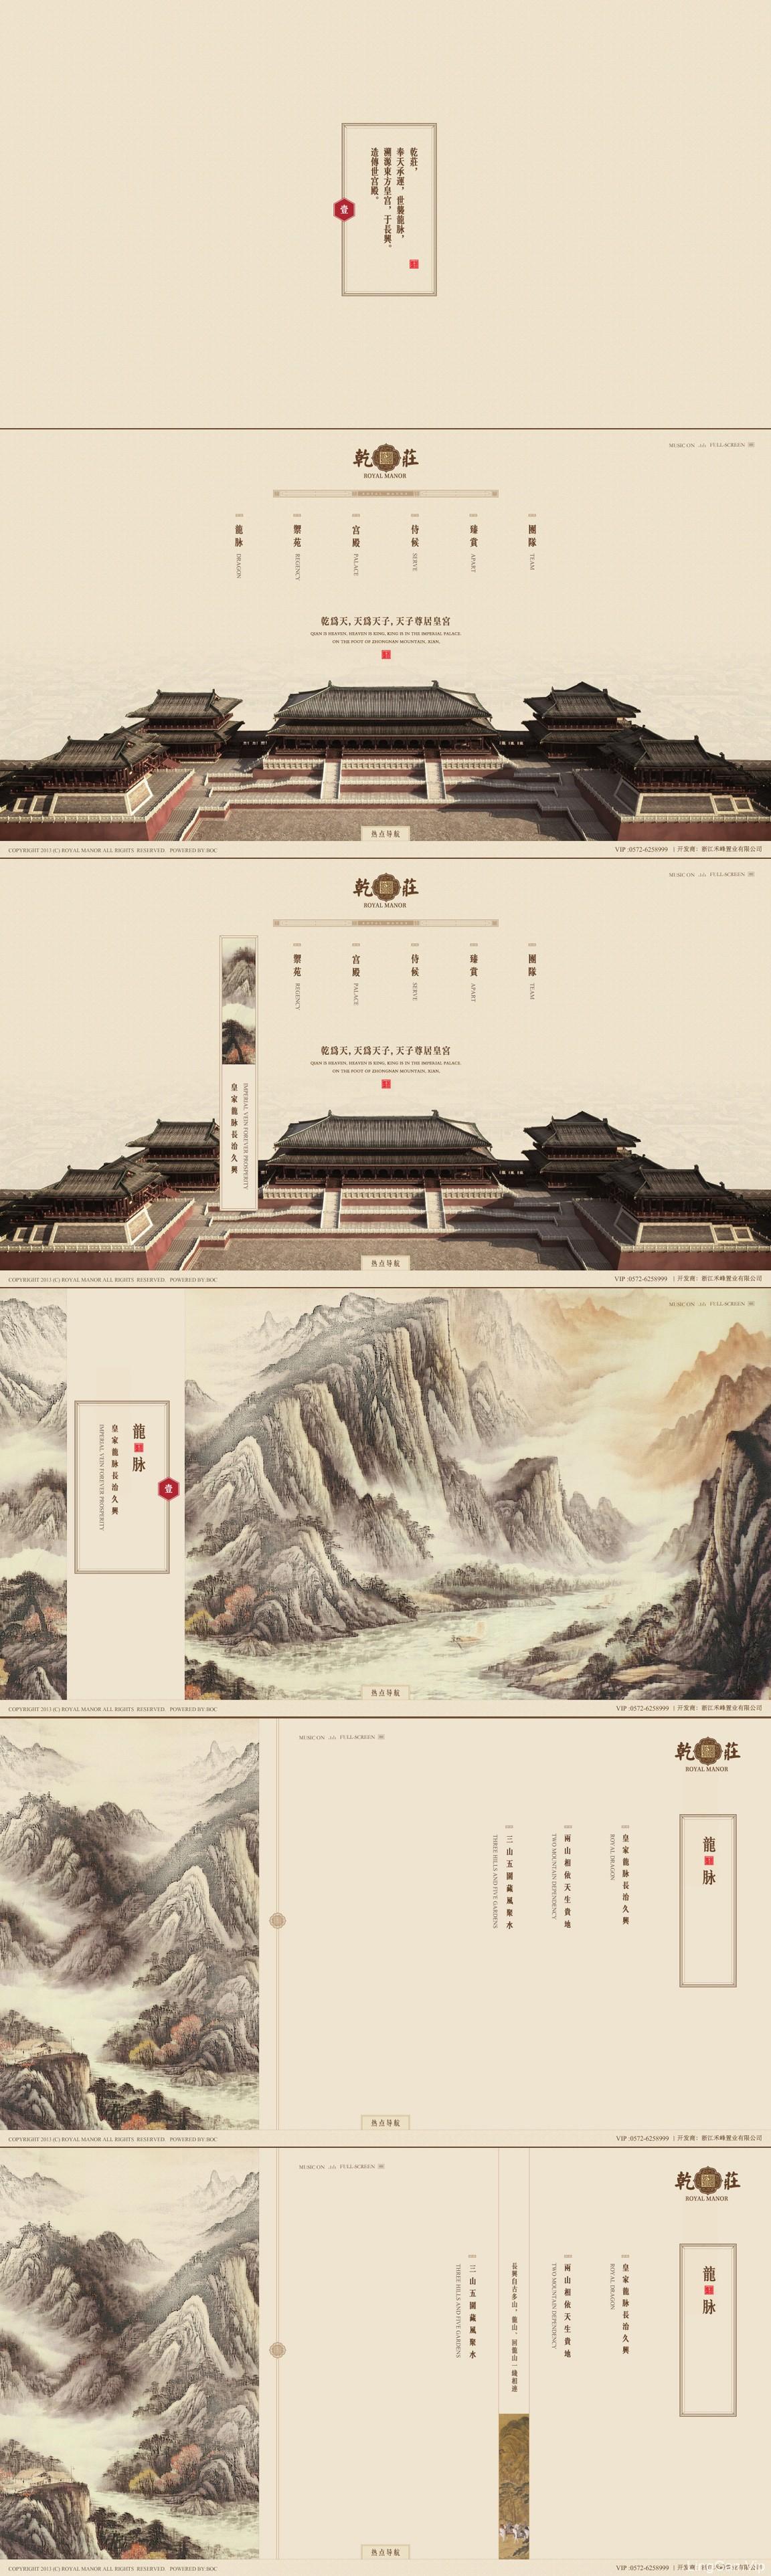 复古式的古建筑网页设计